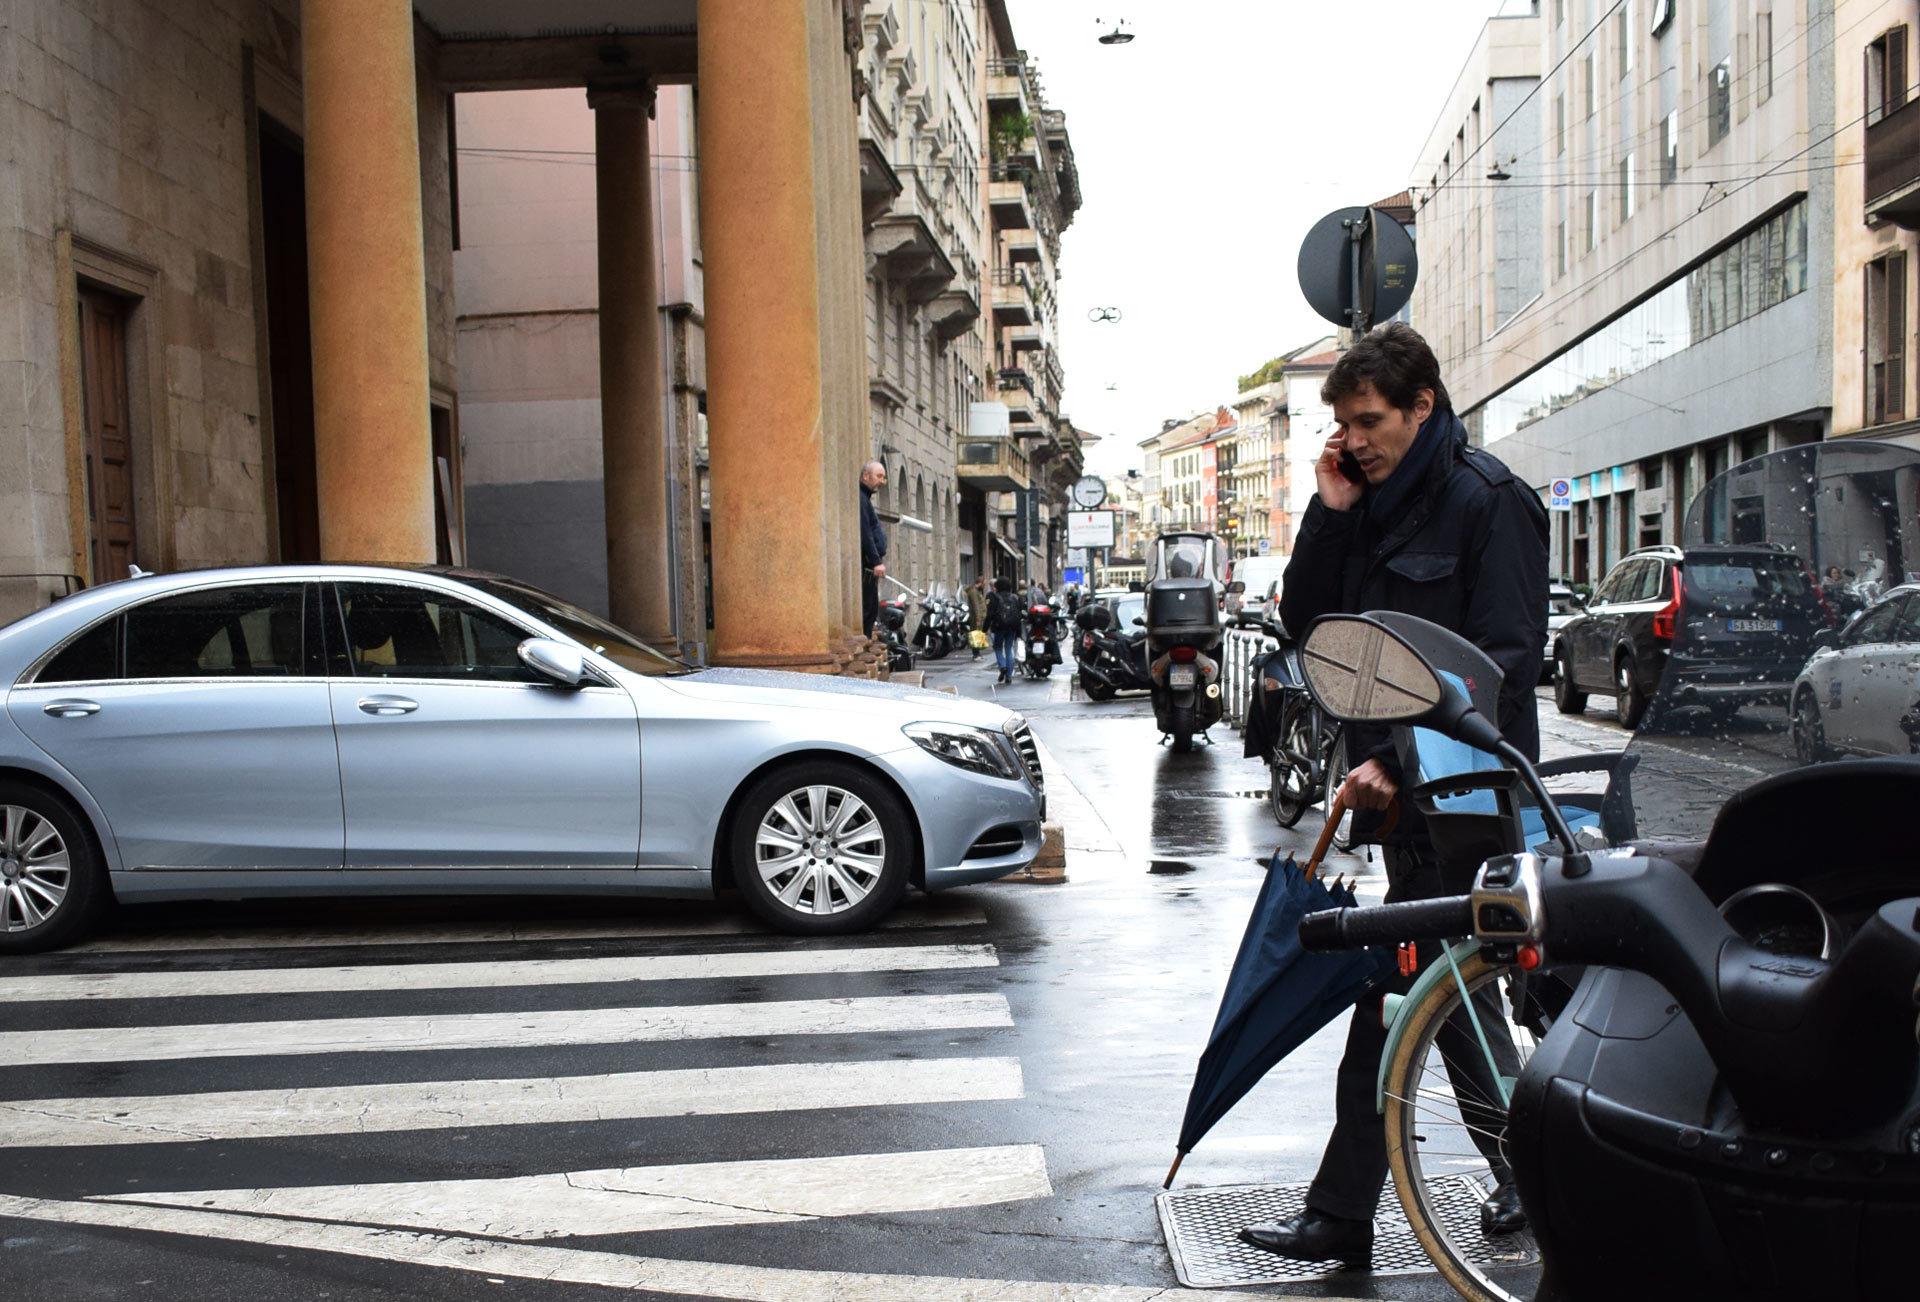 バイク天国☆イタリアの旅 その5 ミラノ街を散策_d0099181_10551264.jpg